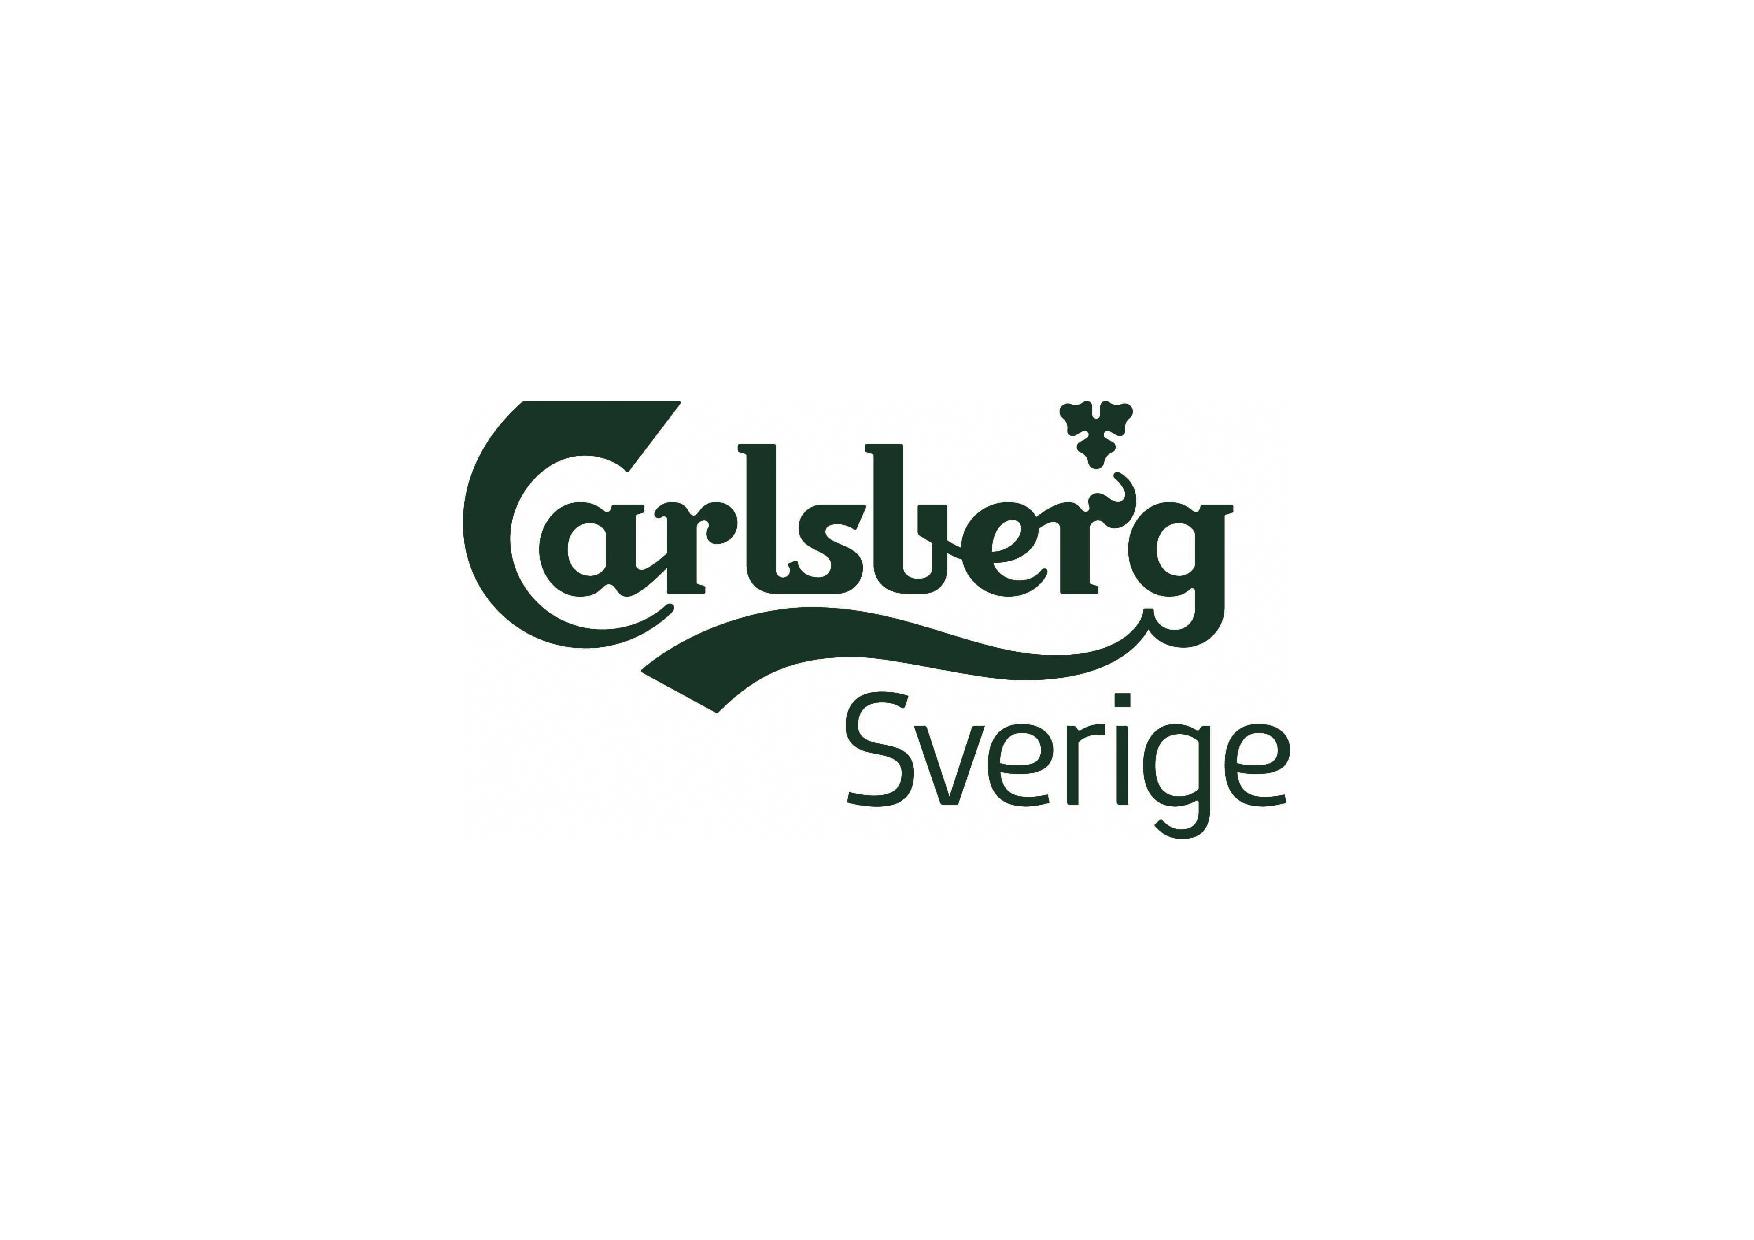 carlsberg_sverige.jpg